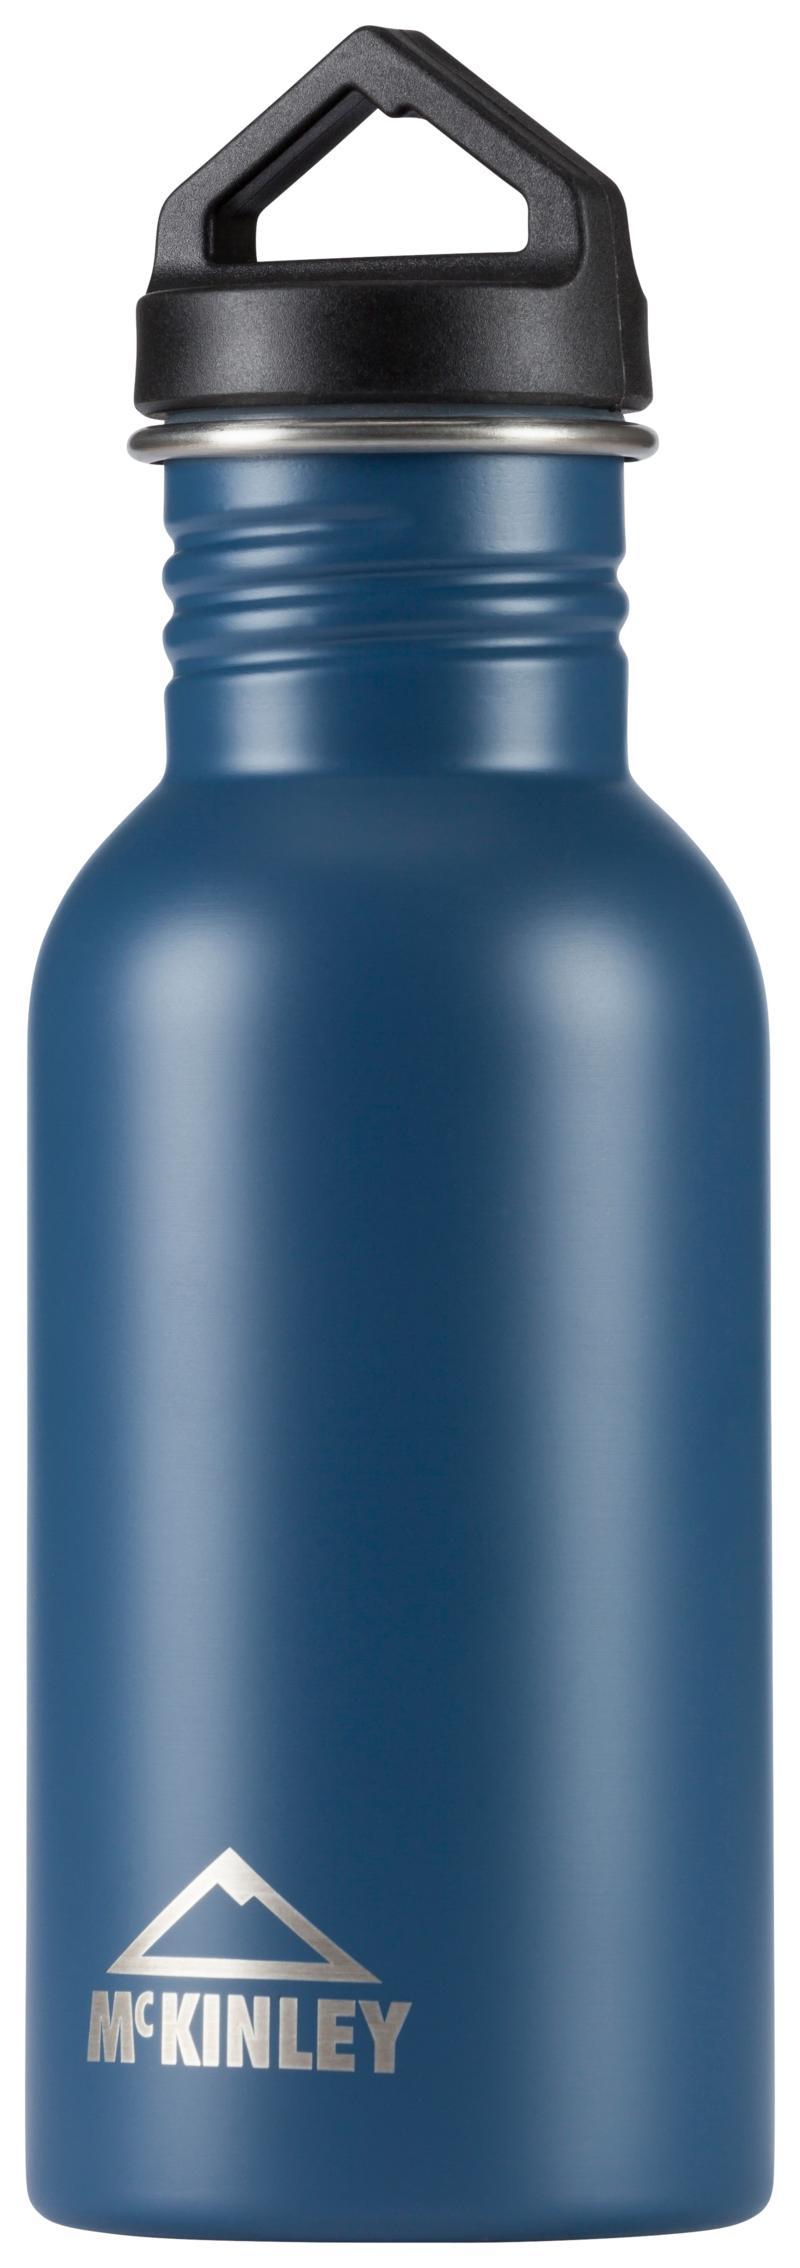 McKinley STAINLESS STEEL SINGLE SCREW 0,5L, steklenica alu, modra